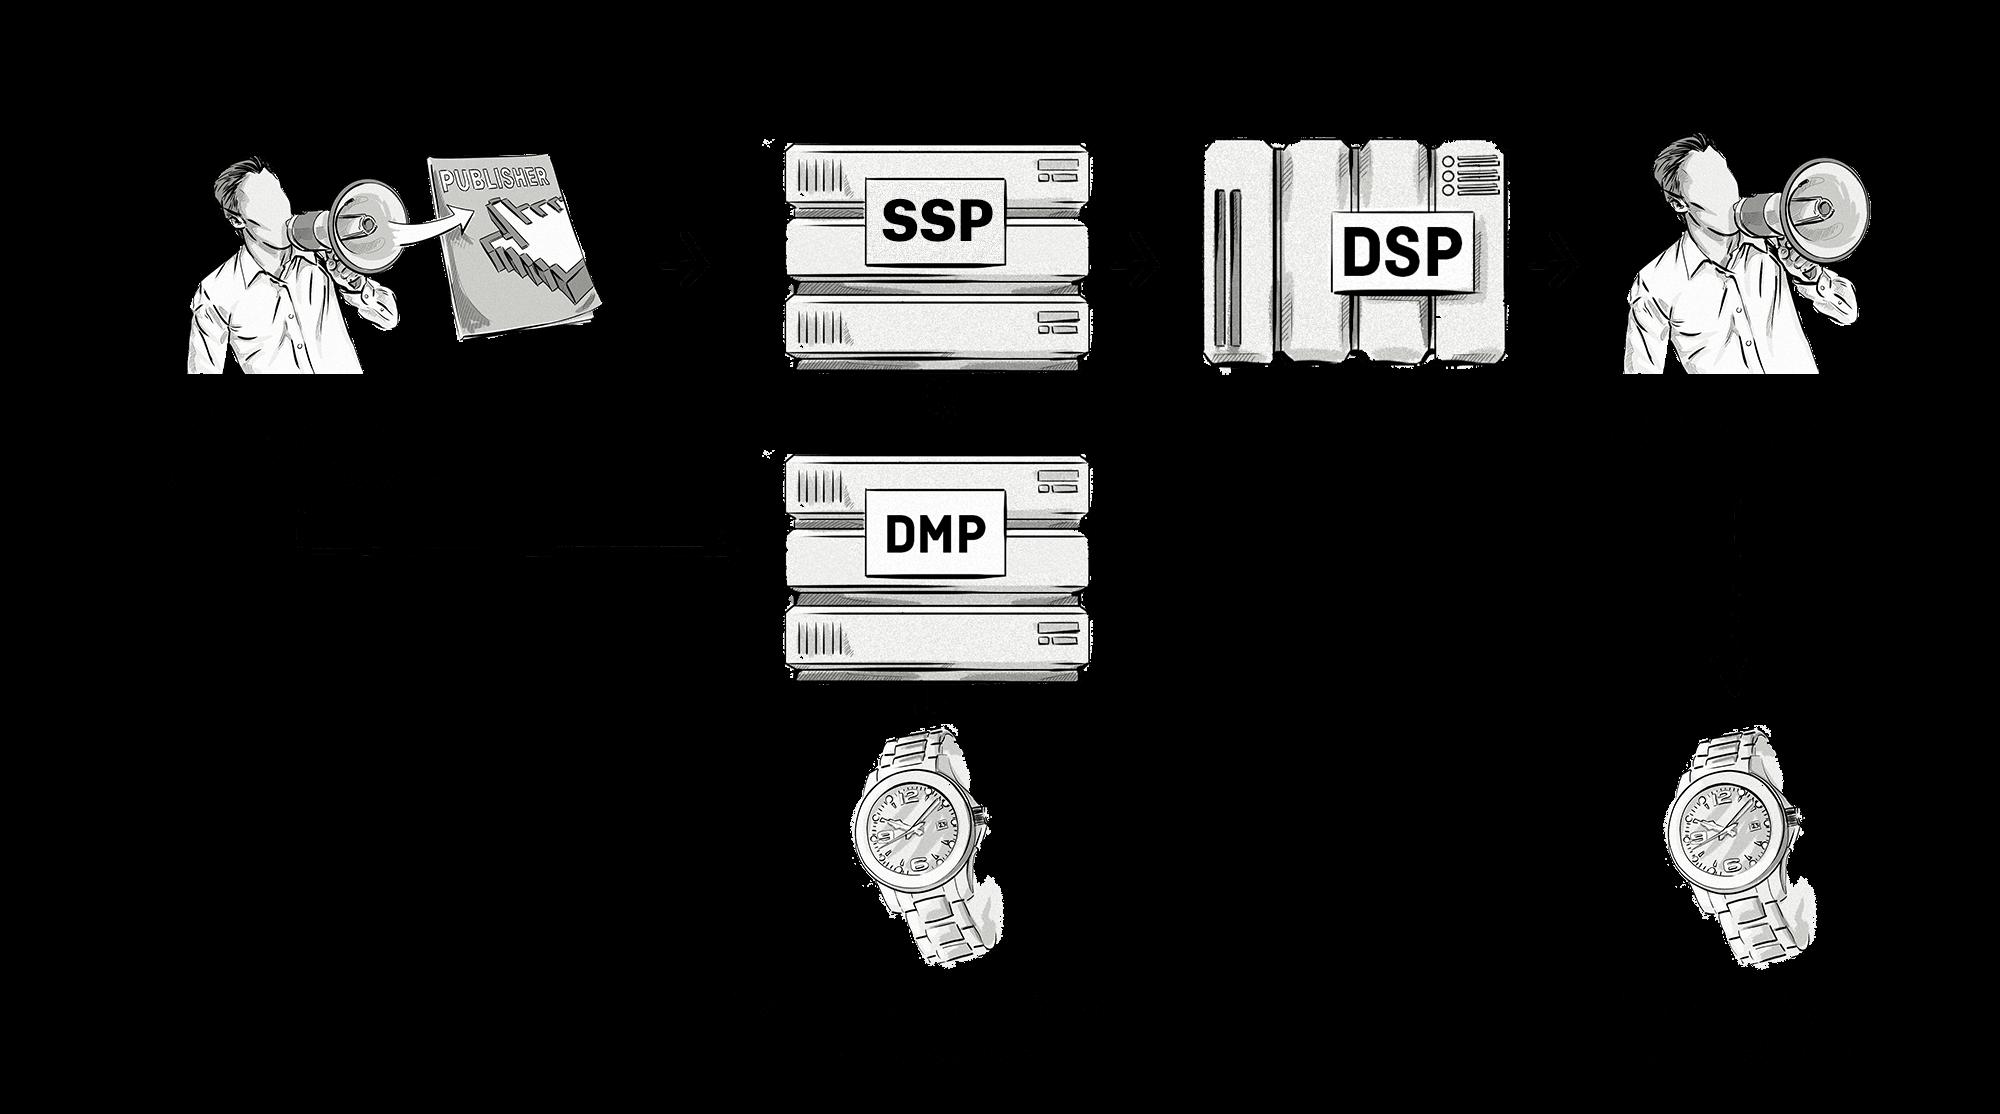 dmp in programmatic